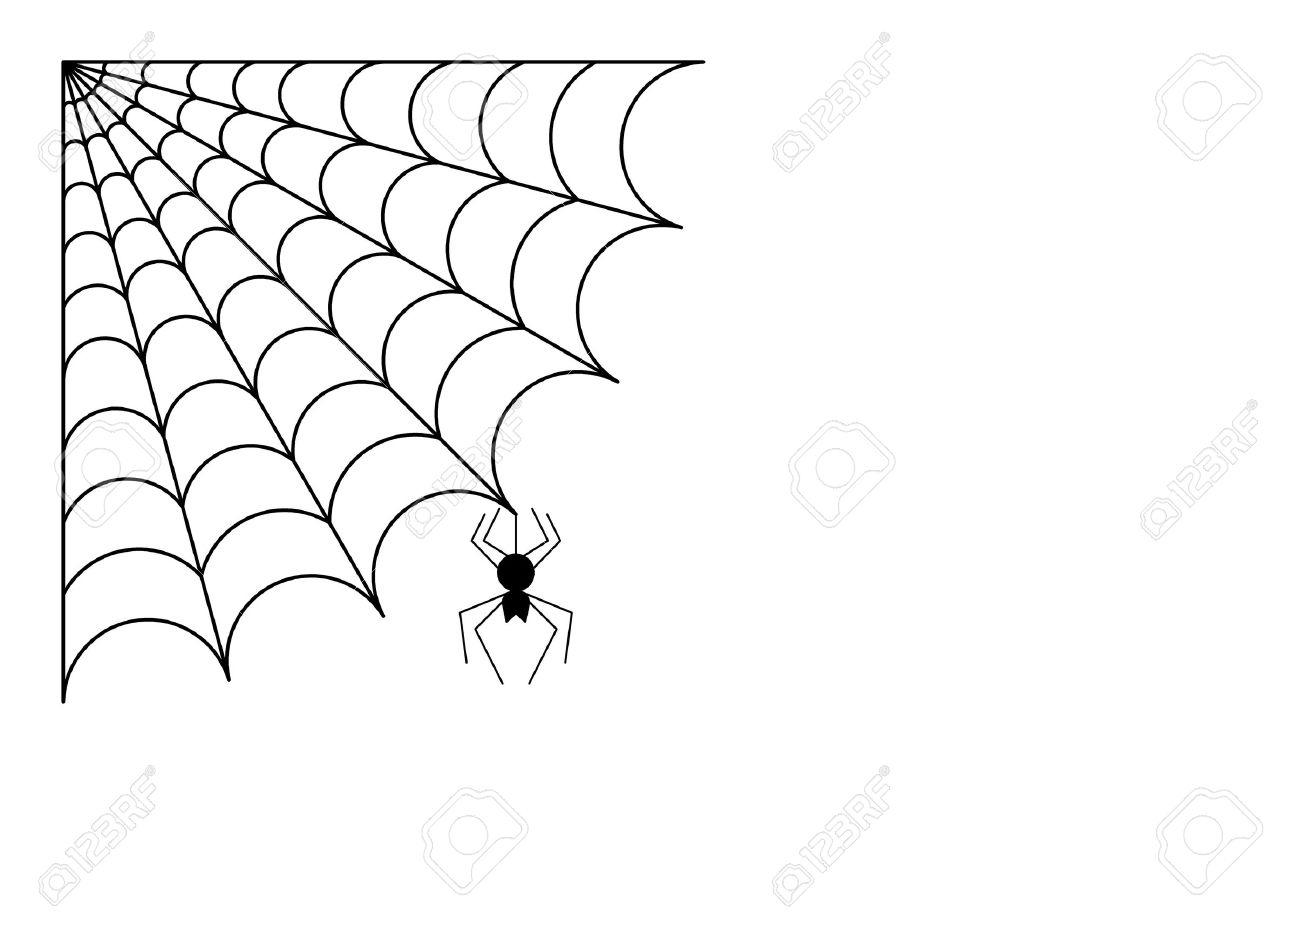 Araignée Avec Toile D'araignée dedans Toile D Araignée Dessin